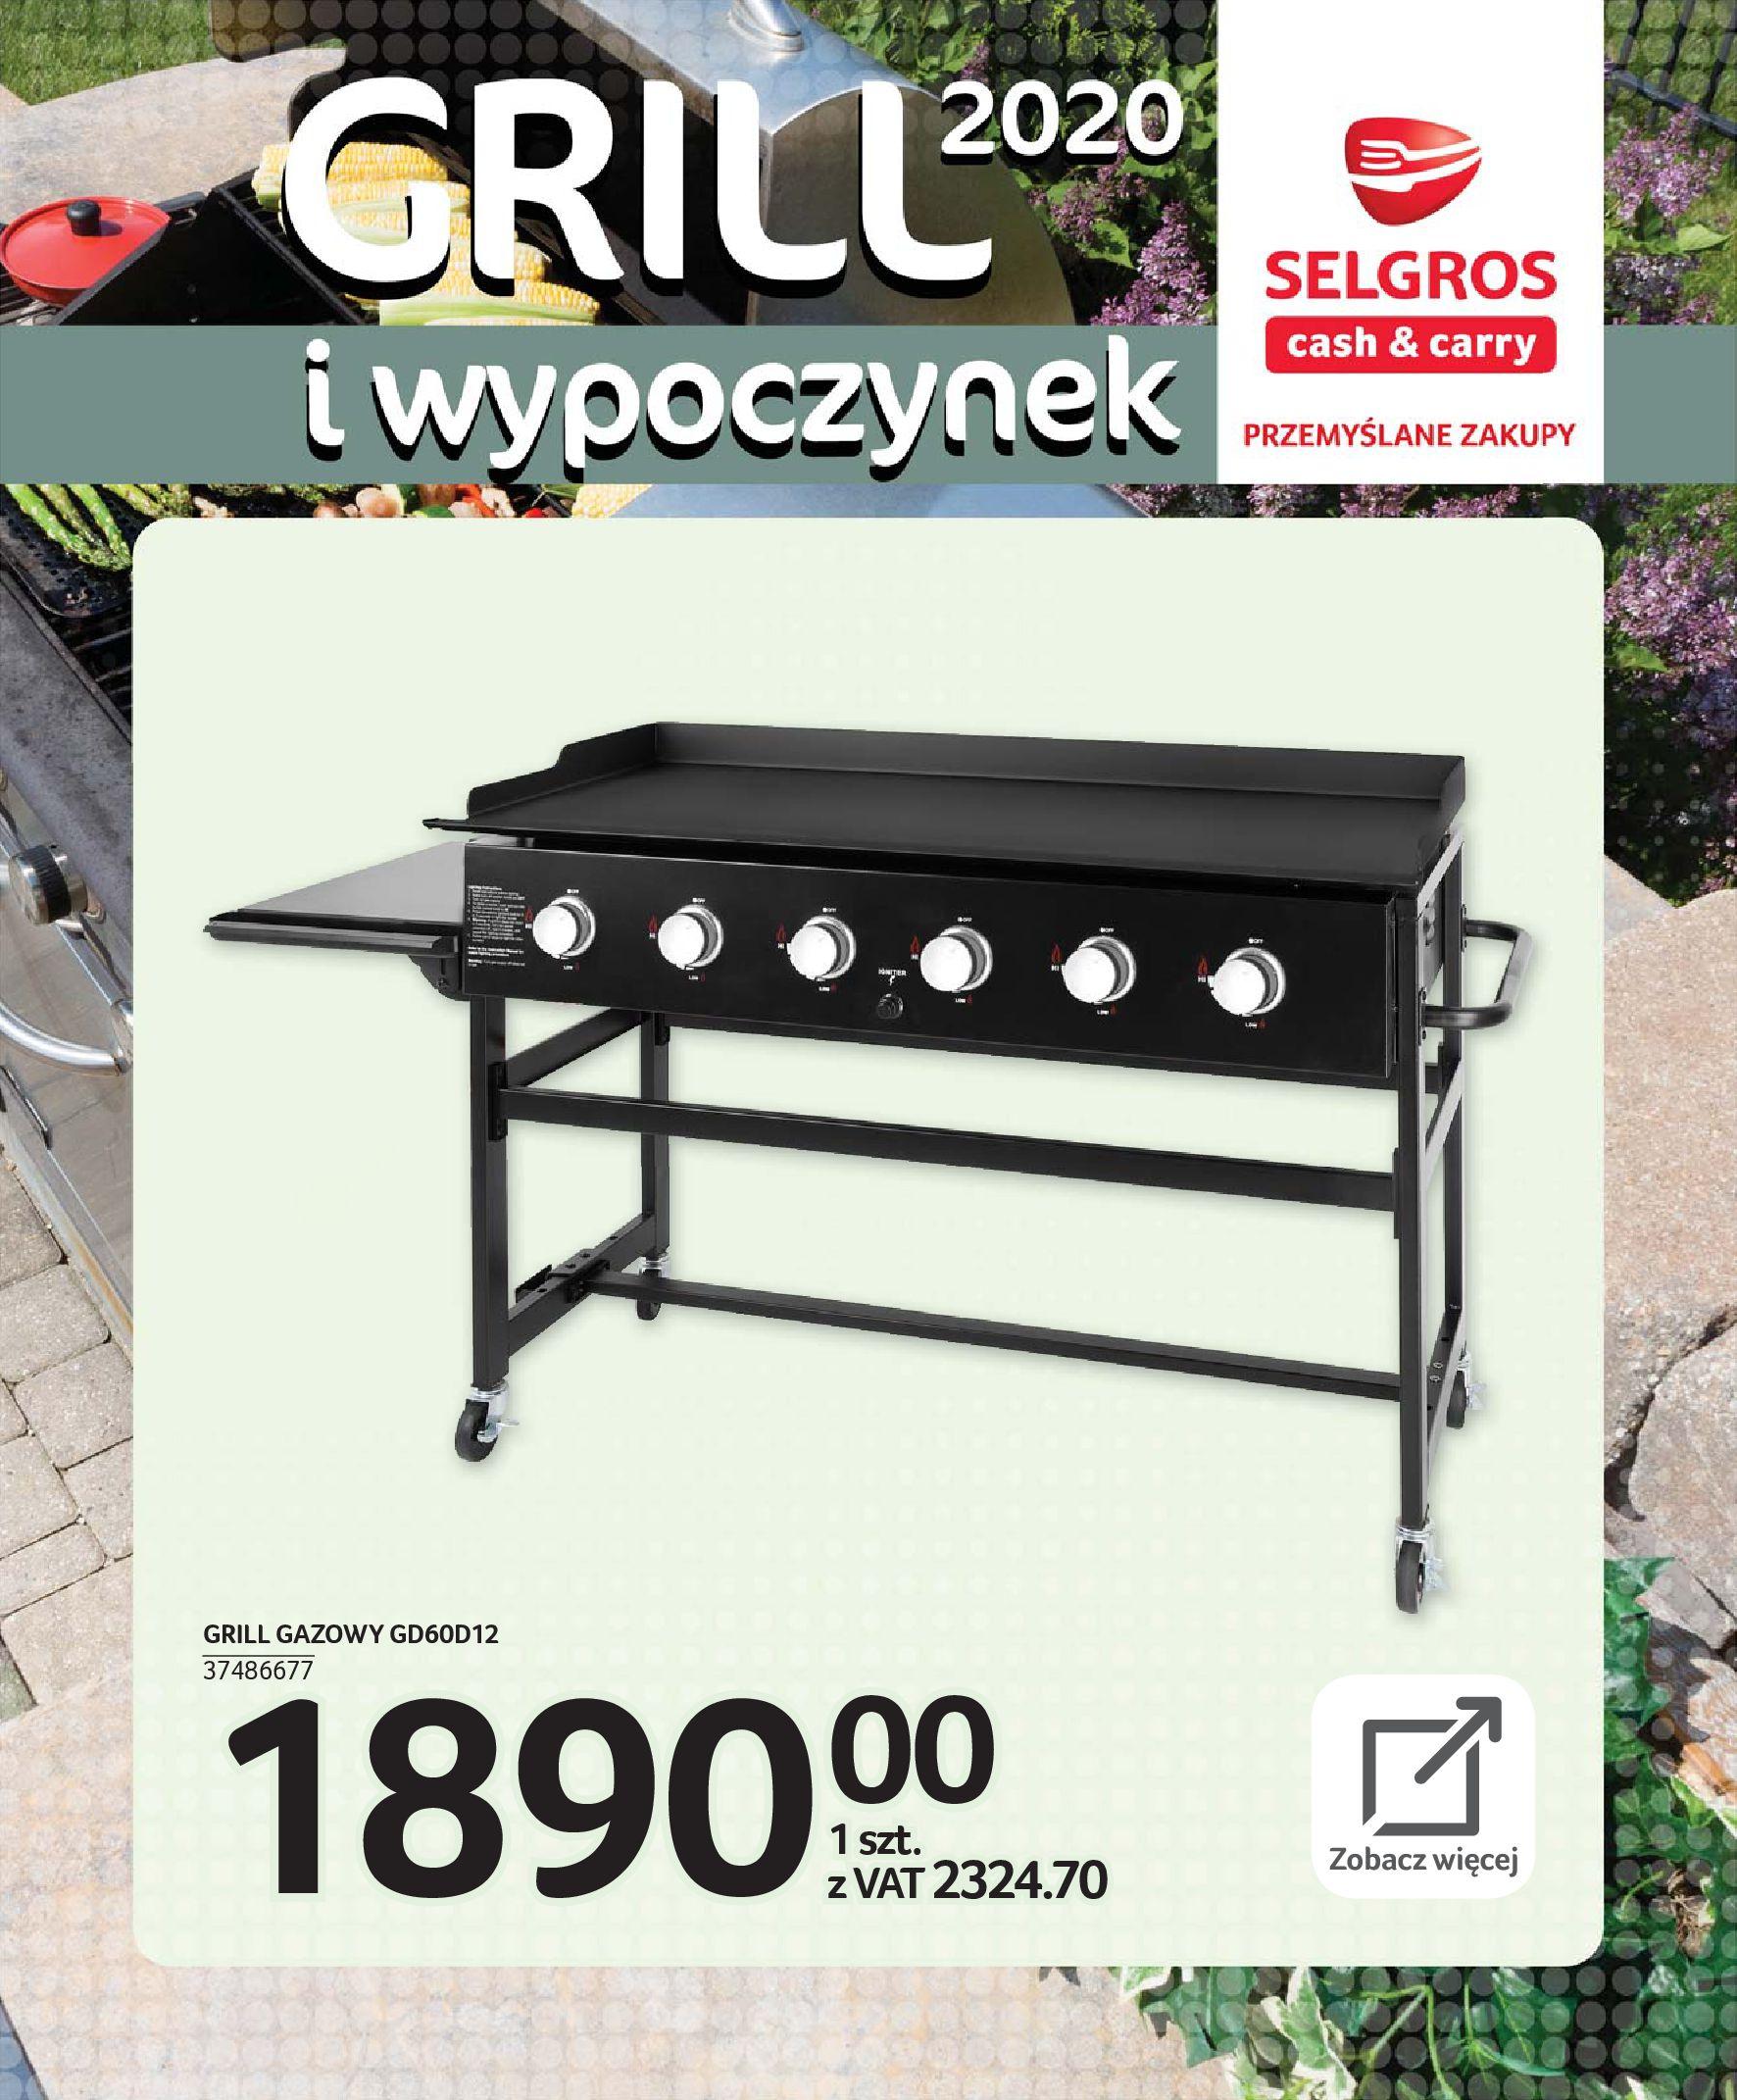 Gazetka Selgros - Katalog - Grill i wypoczynek-31.03.2020-31.08.2020-page-50